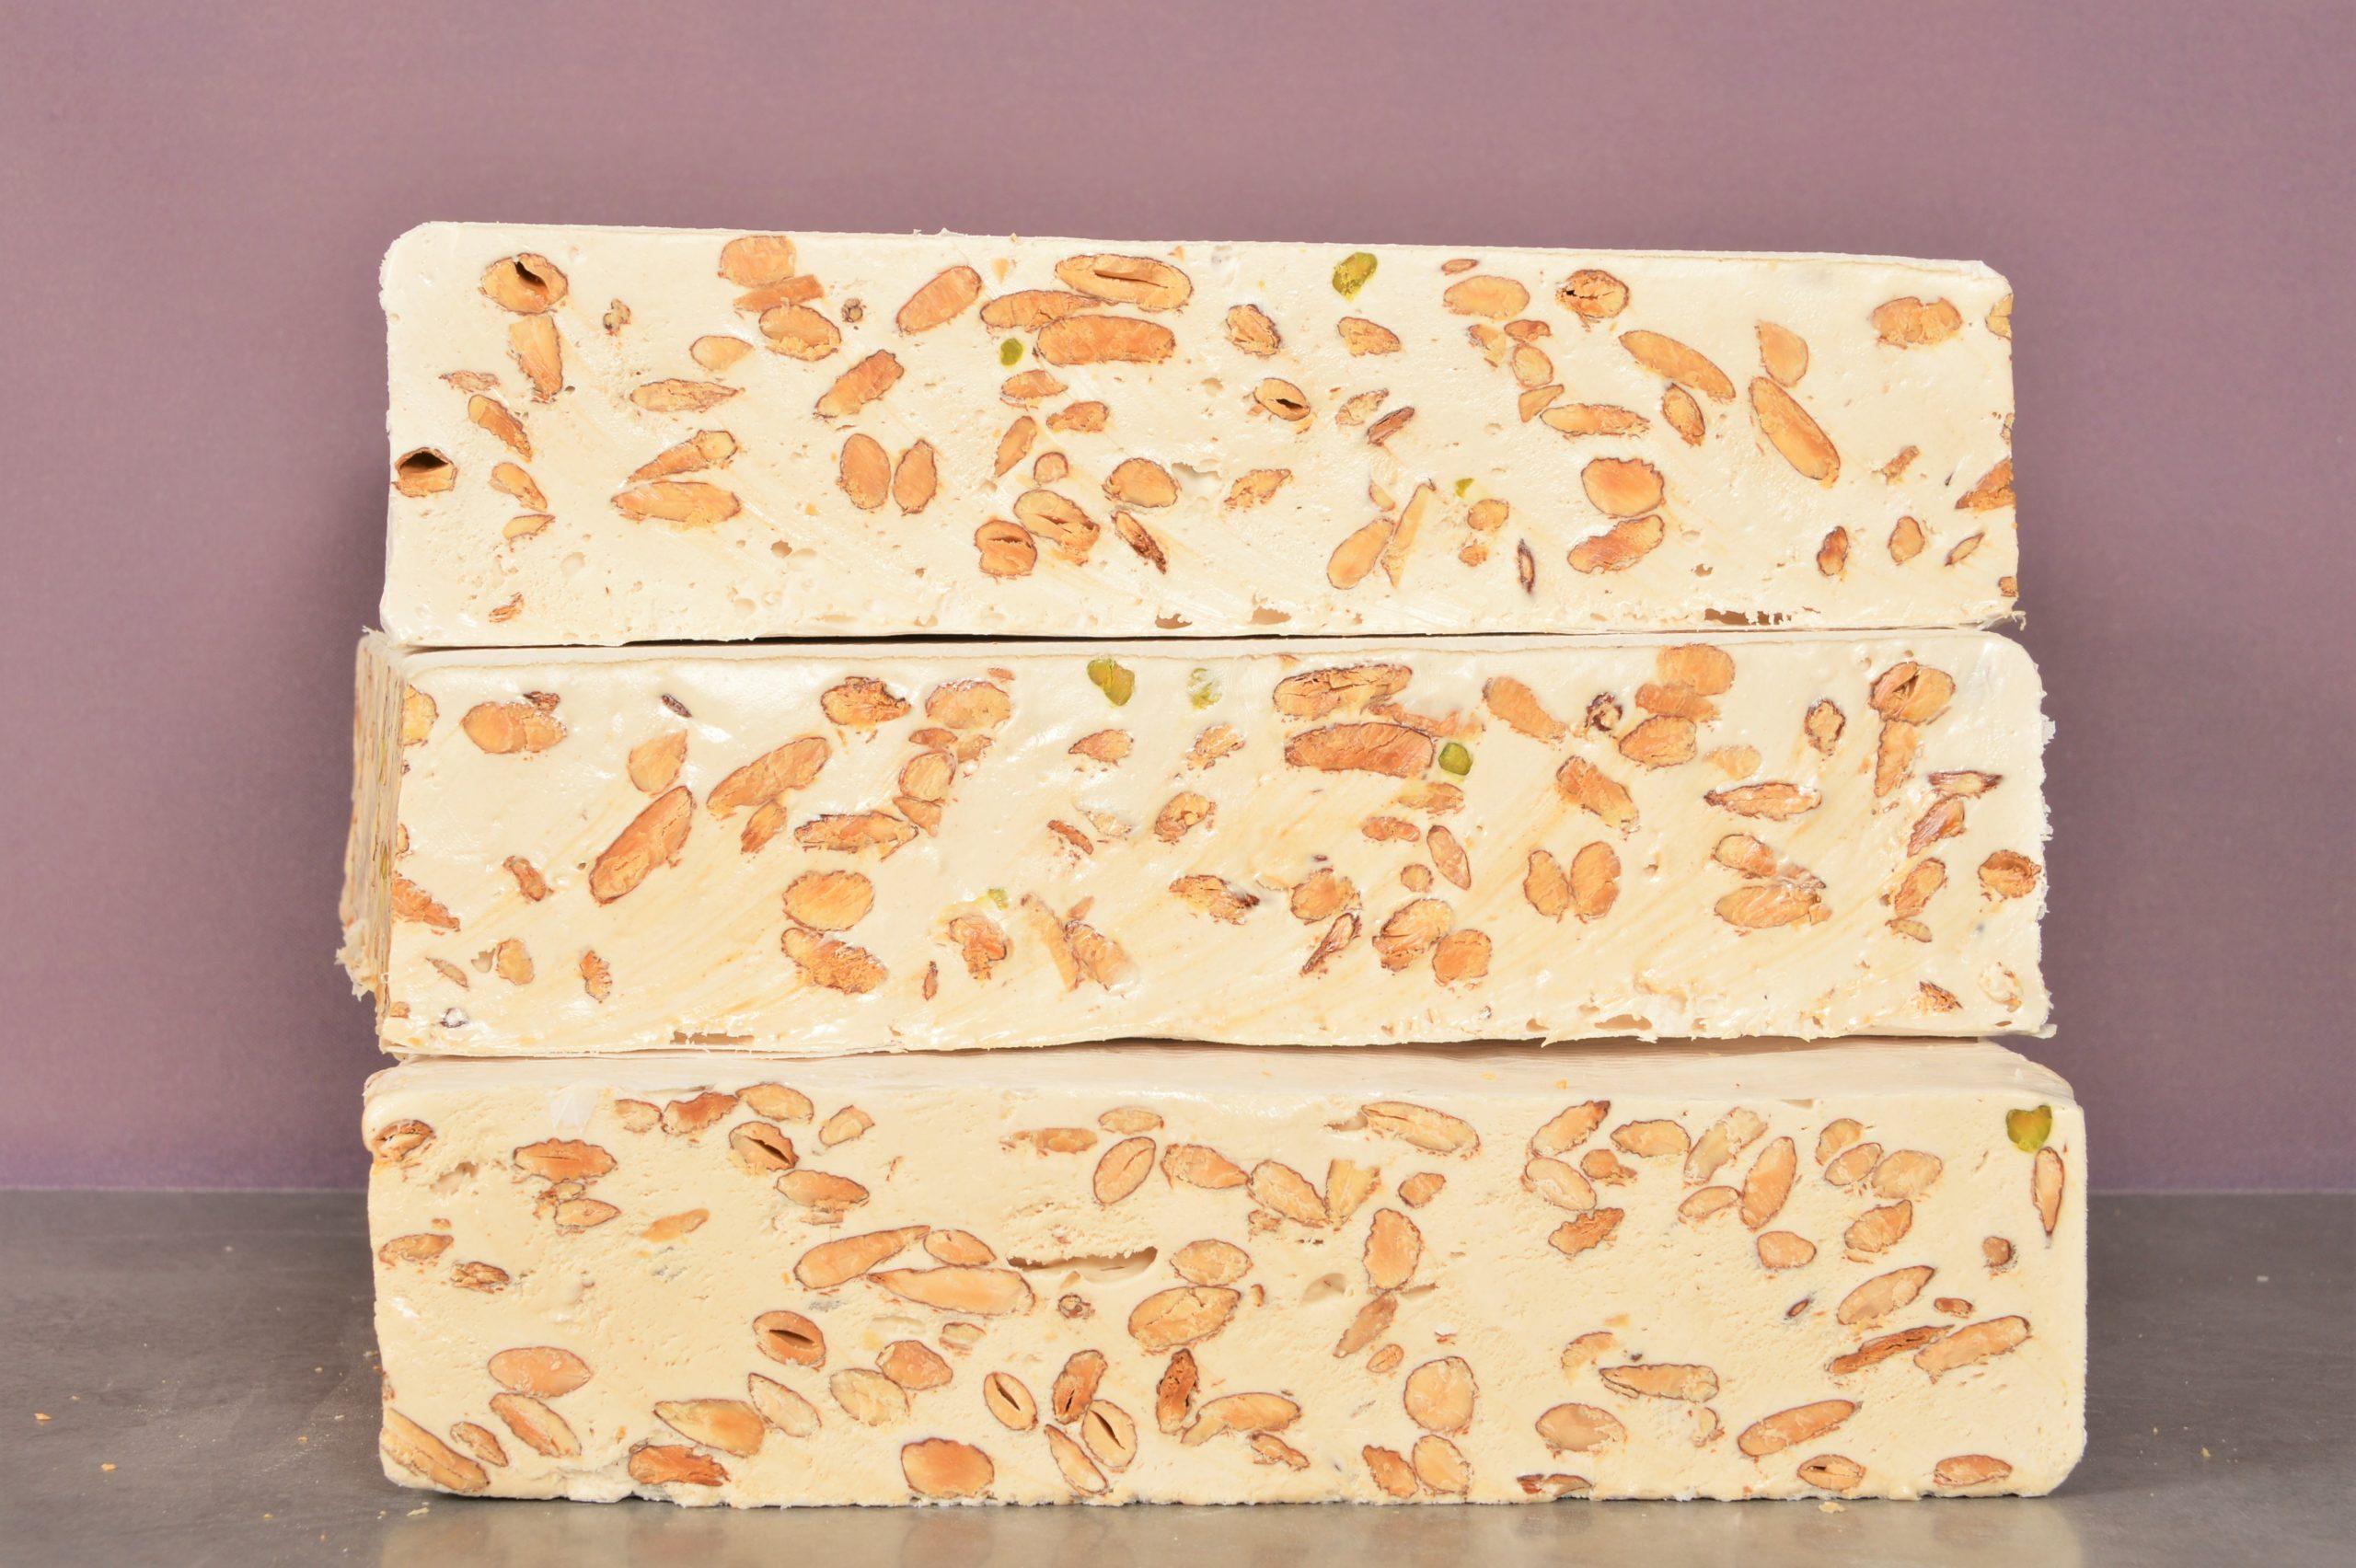 Vente en ligne - Nougat artisanal - Photo de trois nougats présenté l'un sur l'autre - prix du nougat au kilo